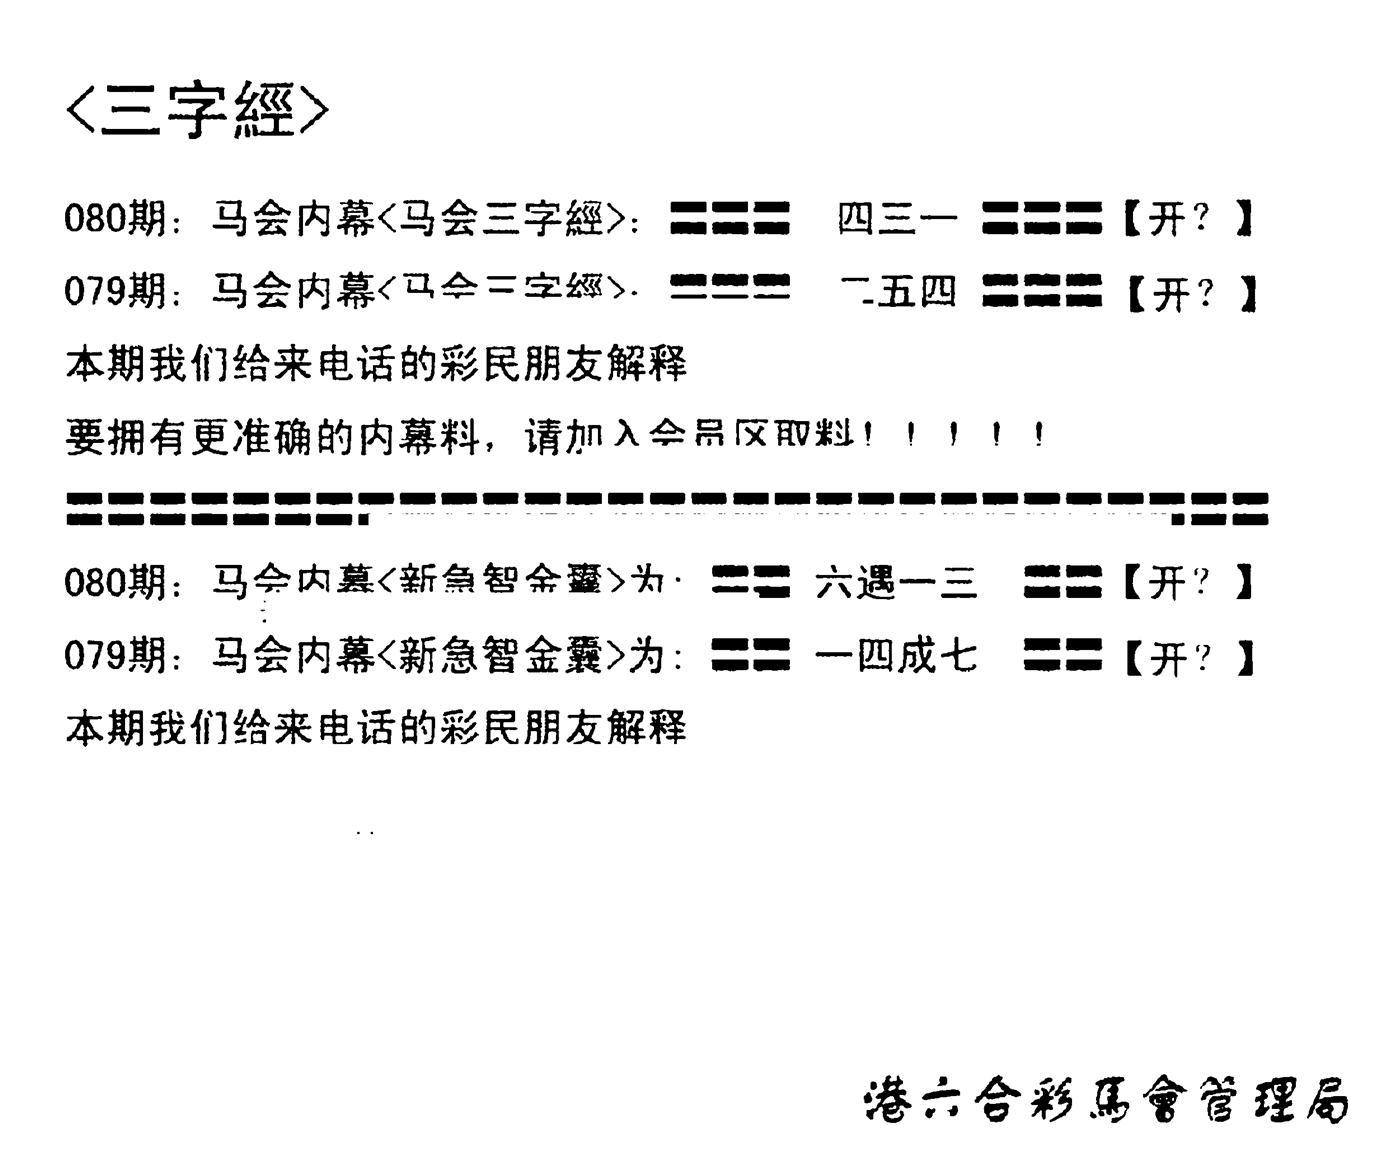 080期电脑版(早版)(黑白)